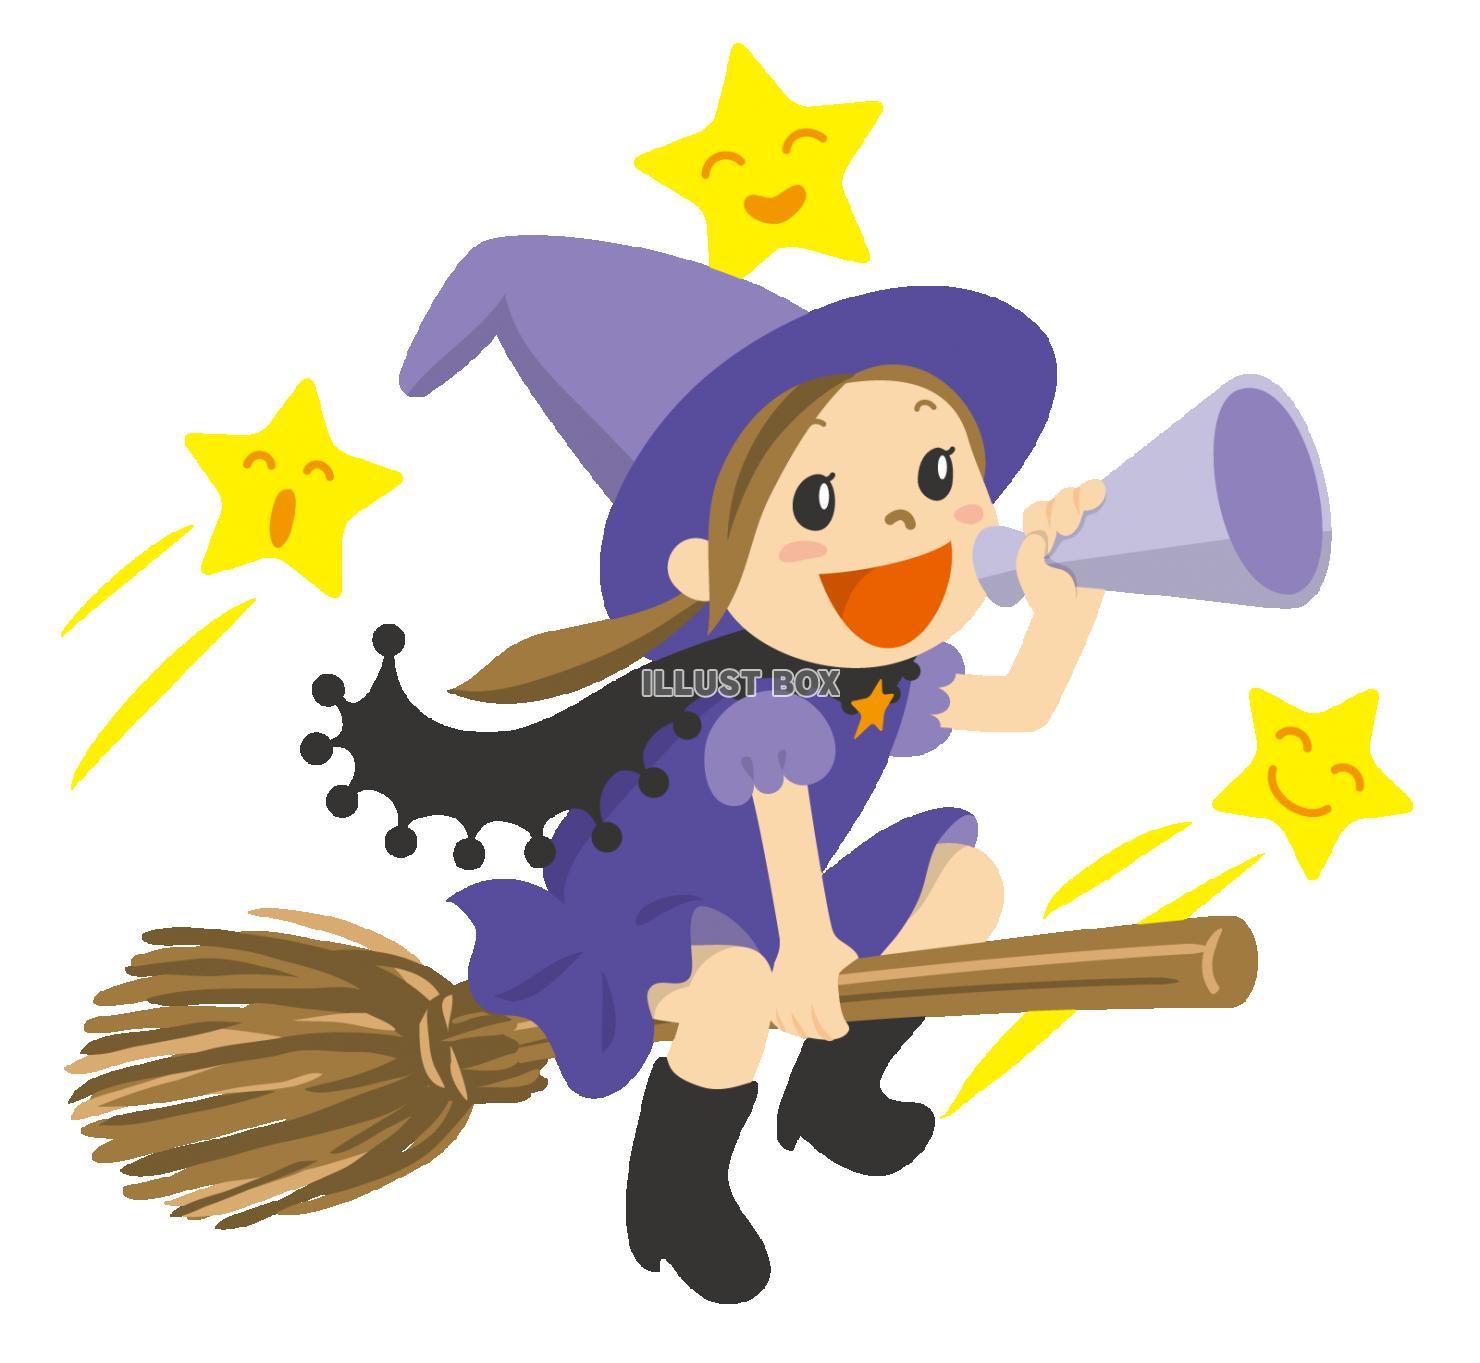 無料イラスト ハロウィンほうきに乗った魔女空飛ぶ女の子からのお知らせ